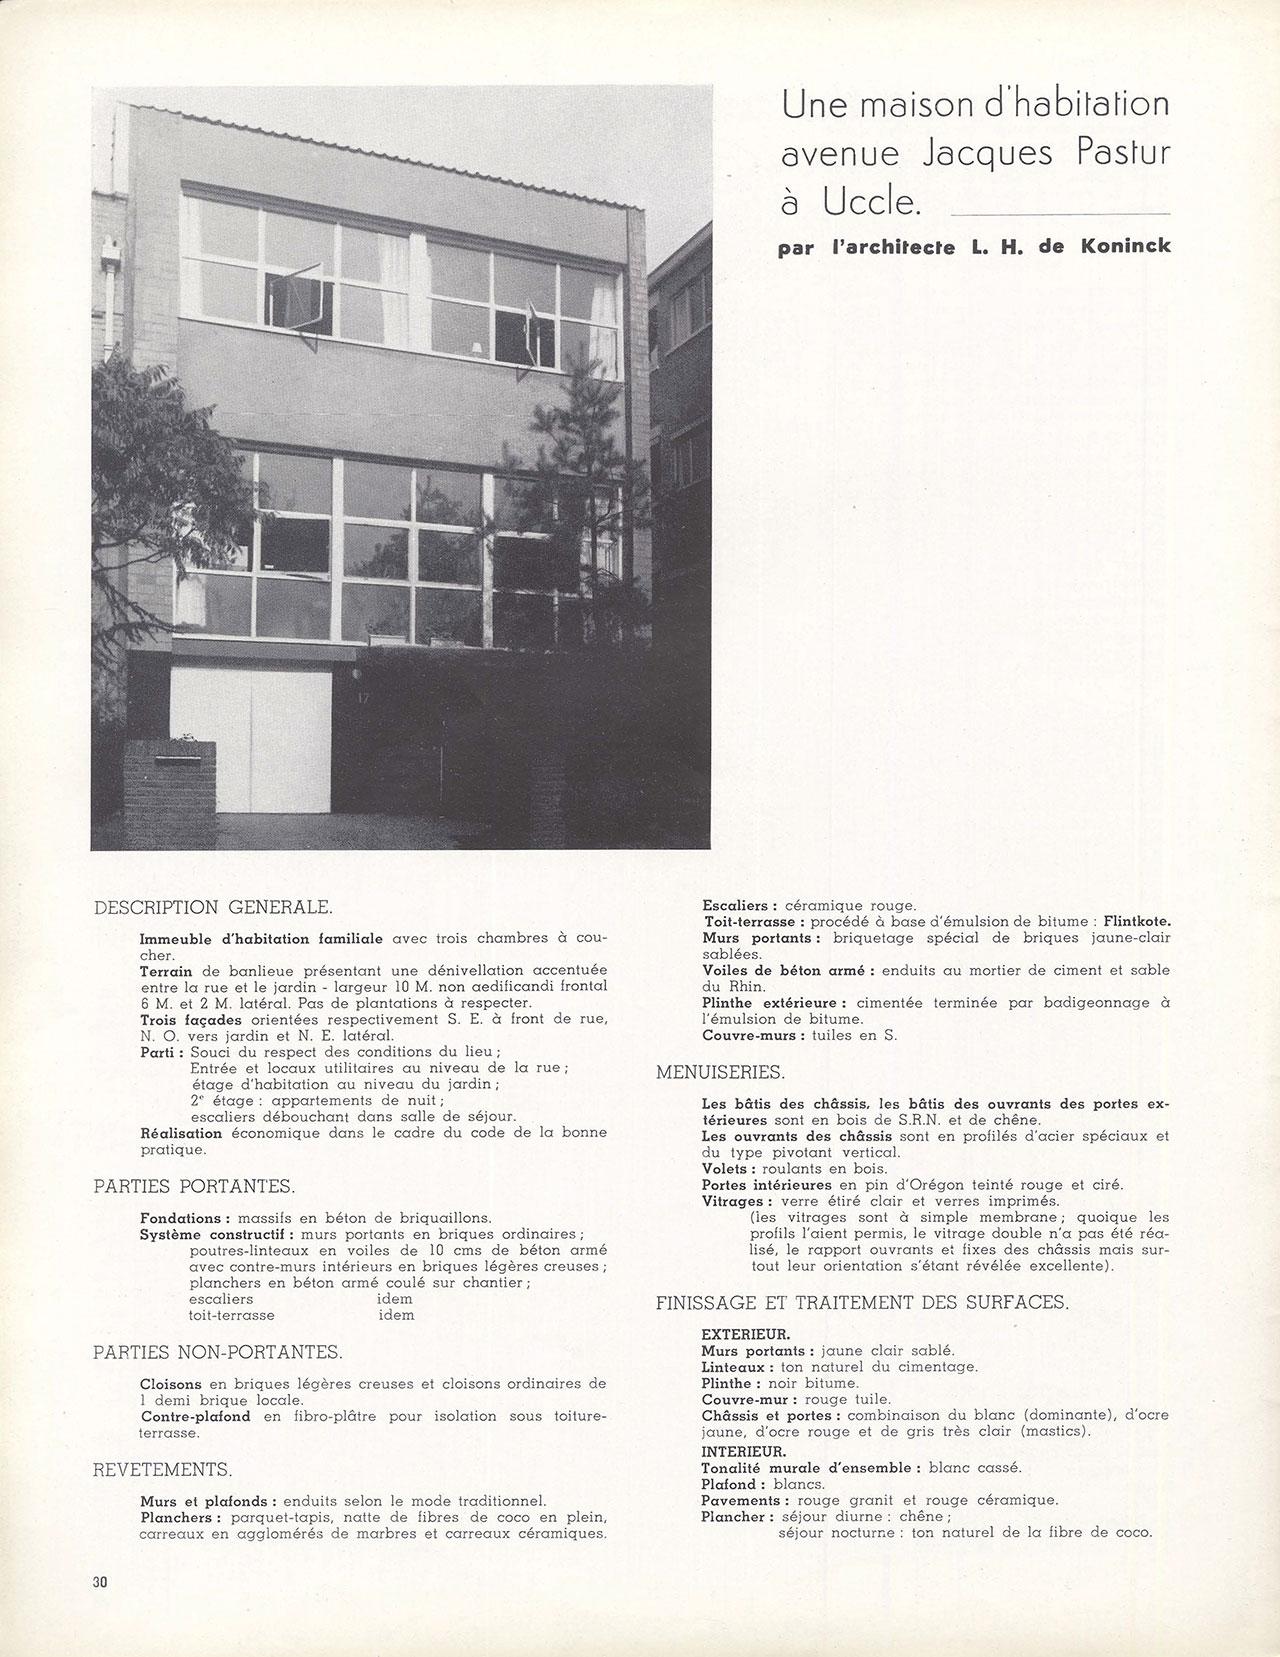 Une maison d'habitation avenue Jacques Pastur à Uccle